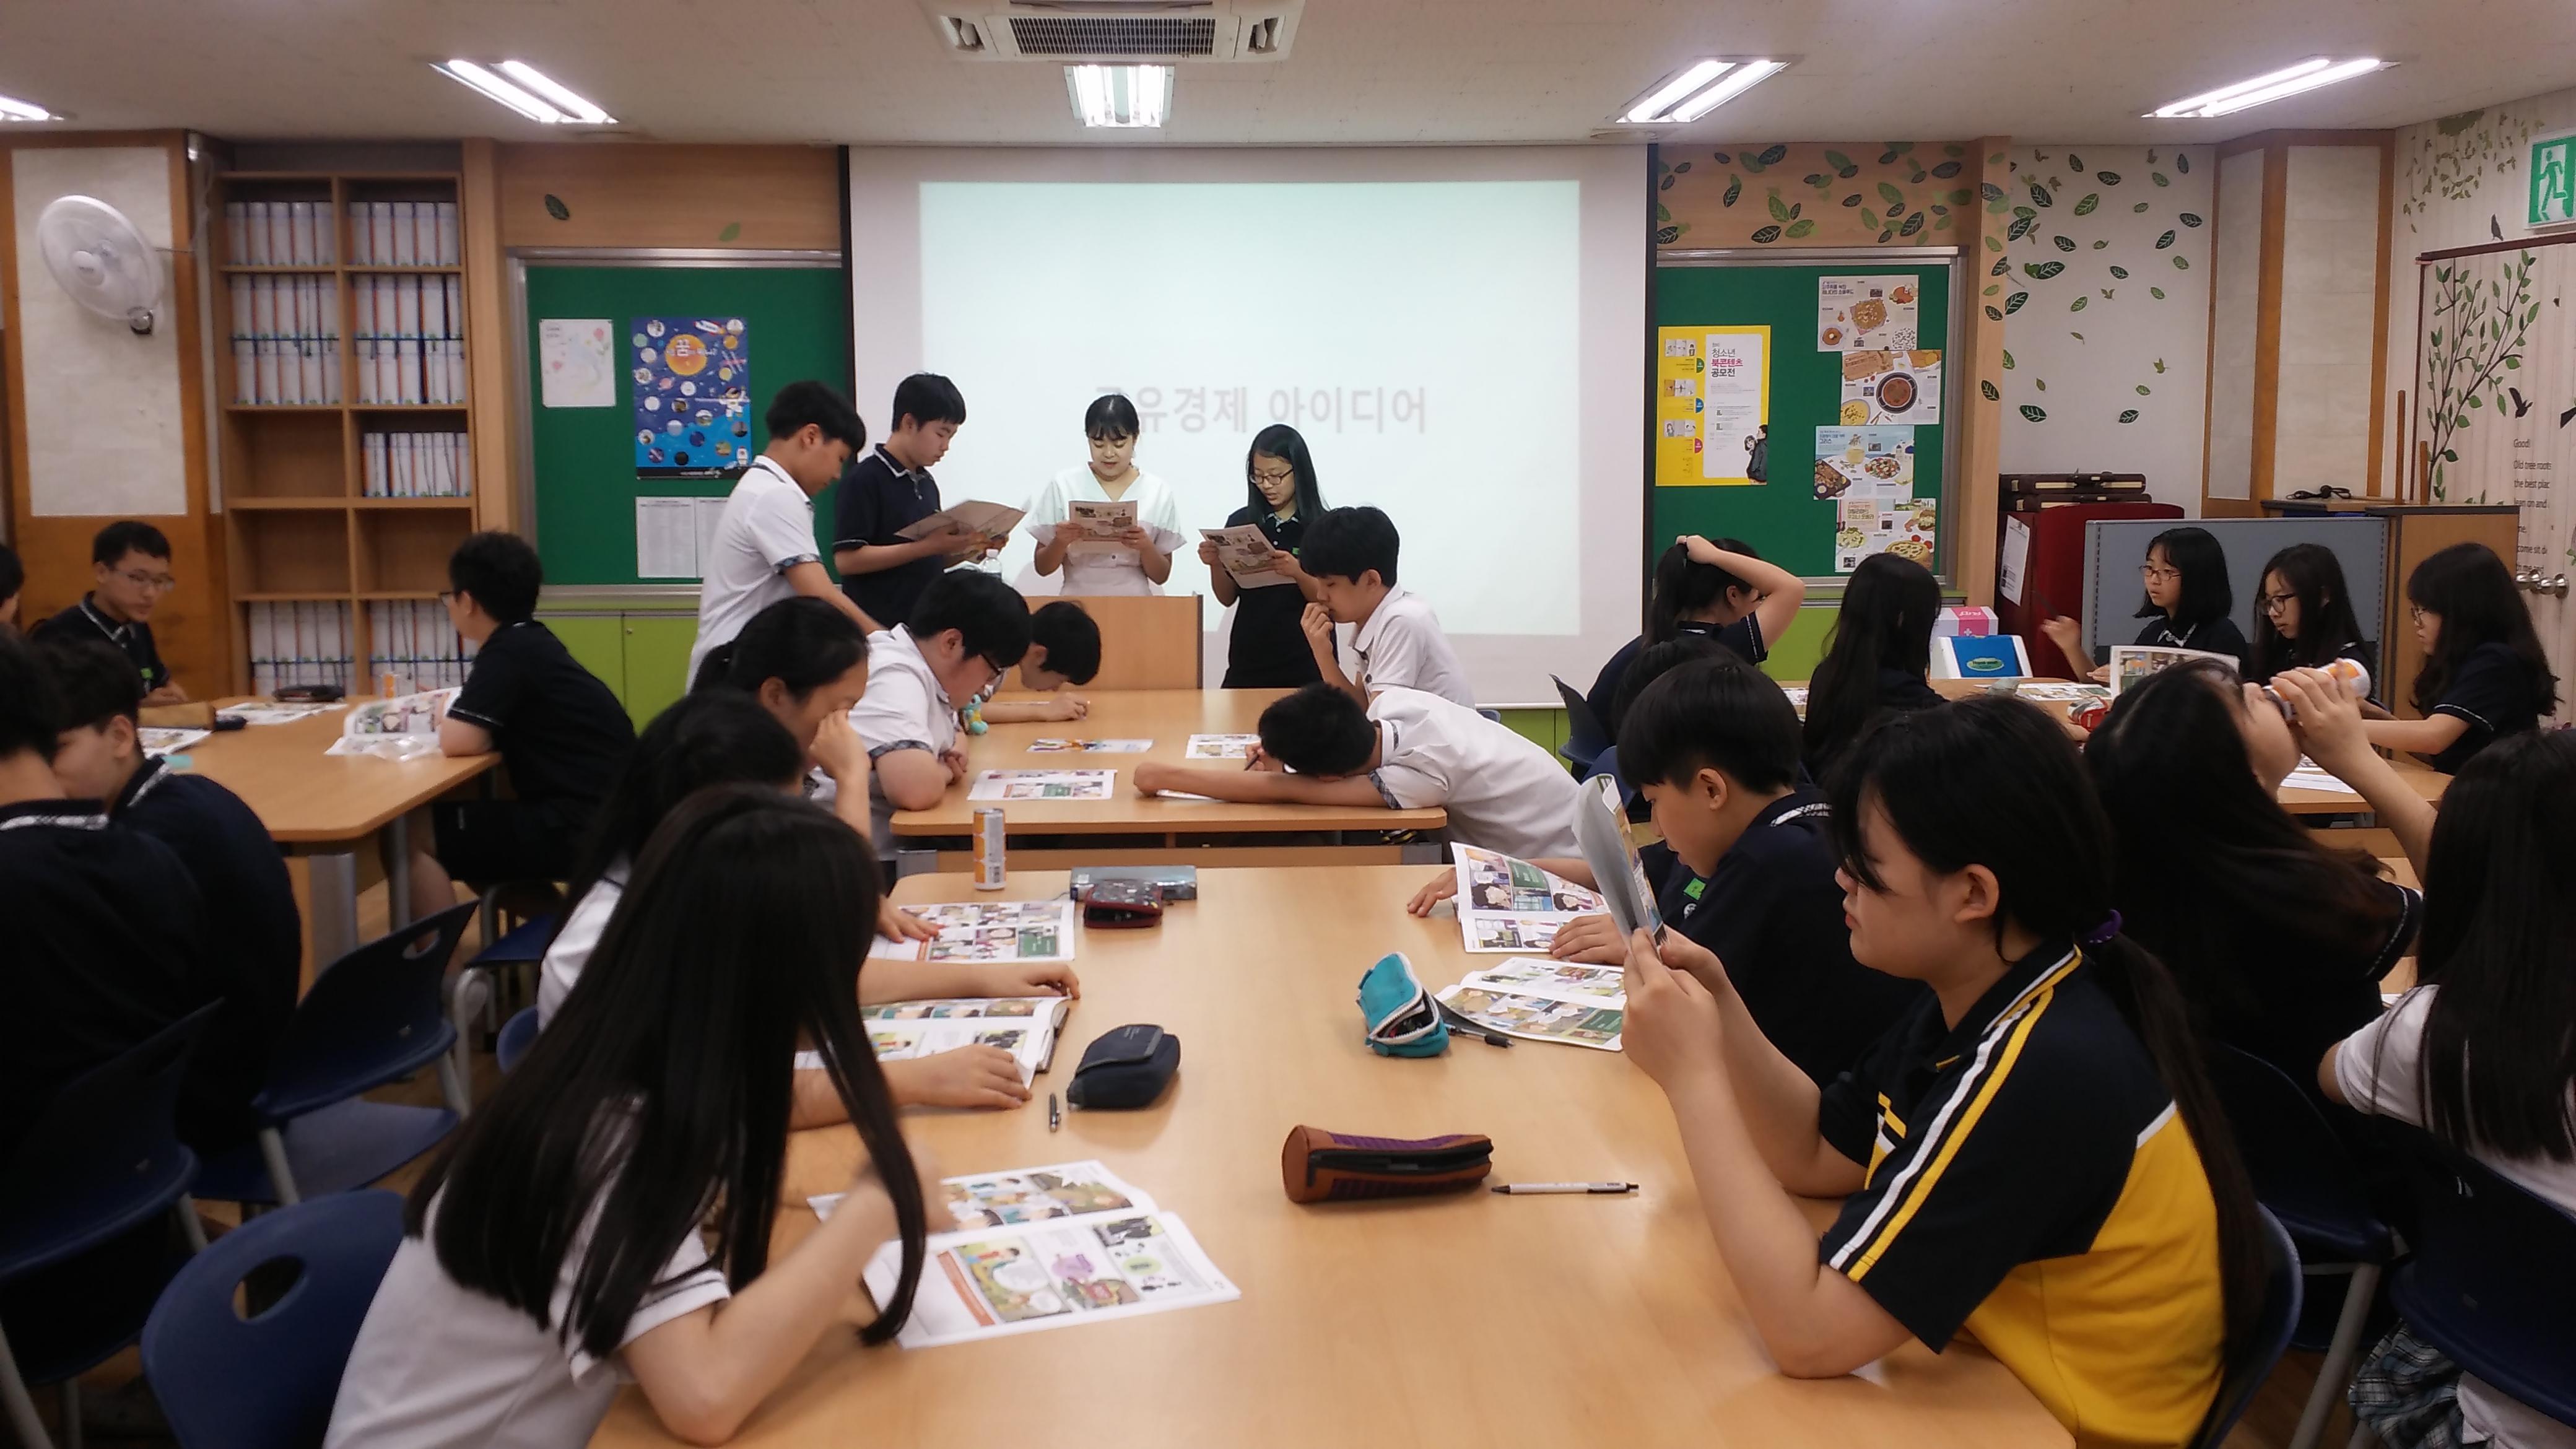 2017 서울시 공유경제 시작학교, 문현중학교